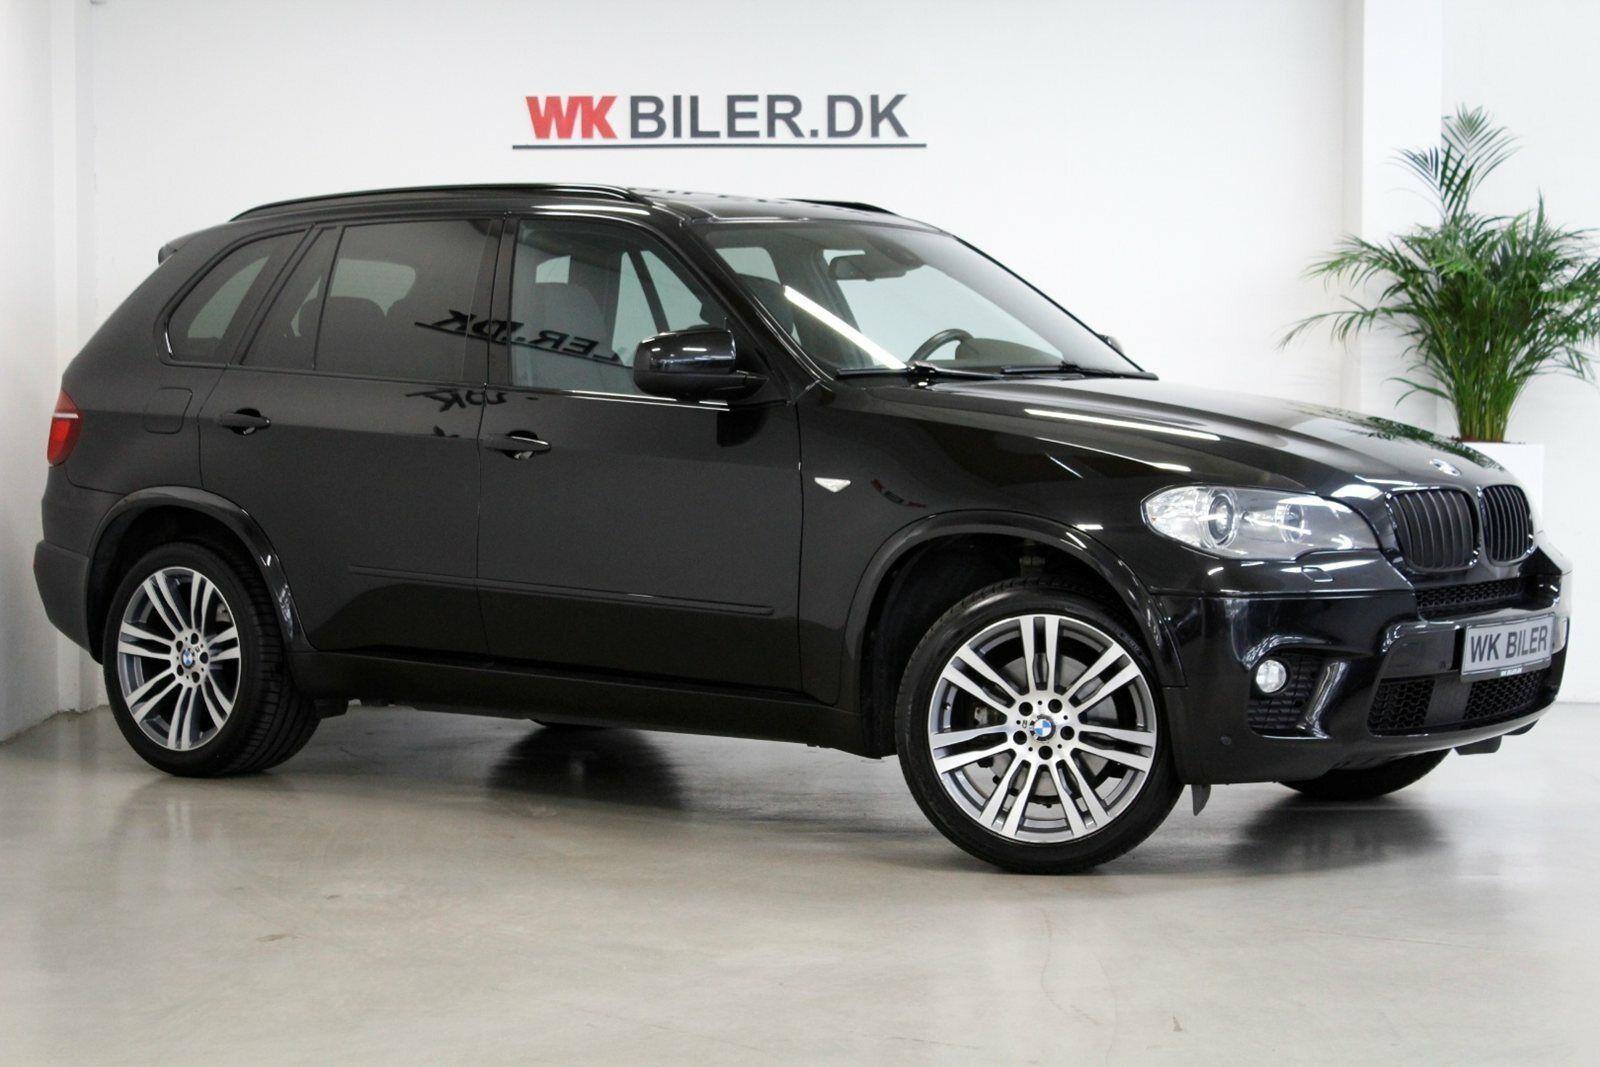 BMW X5 3,0 xDrive40d aut. 5d - 449.800 kr.